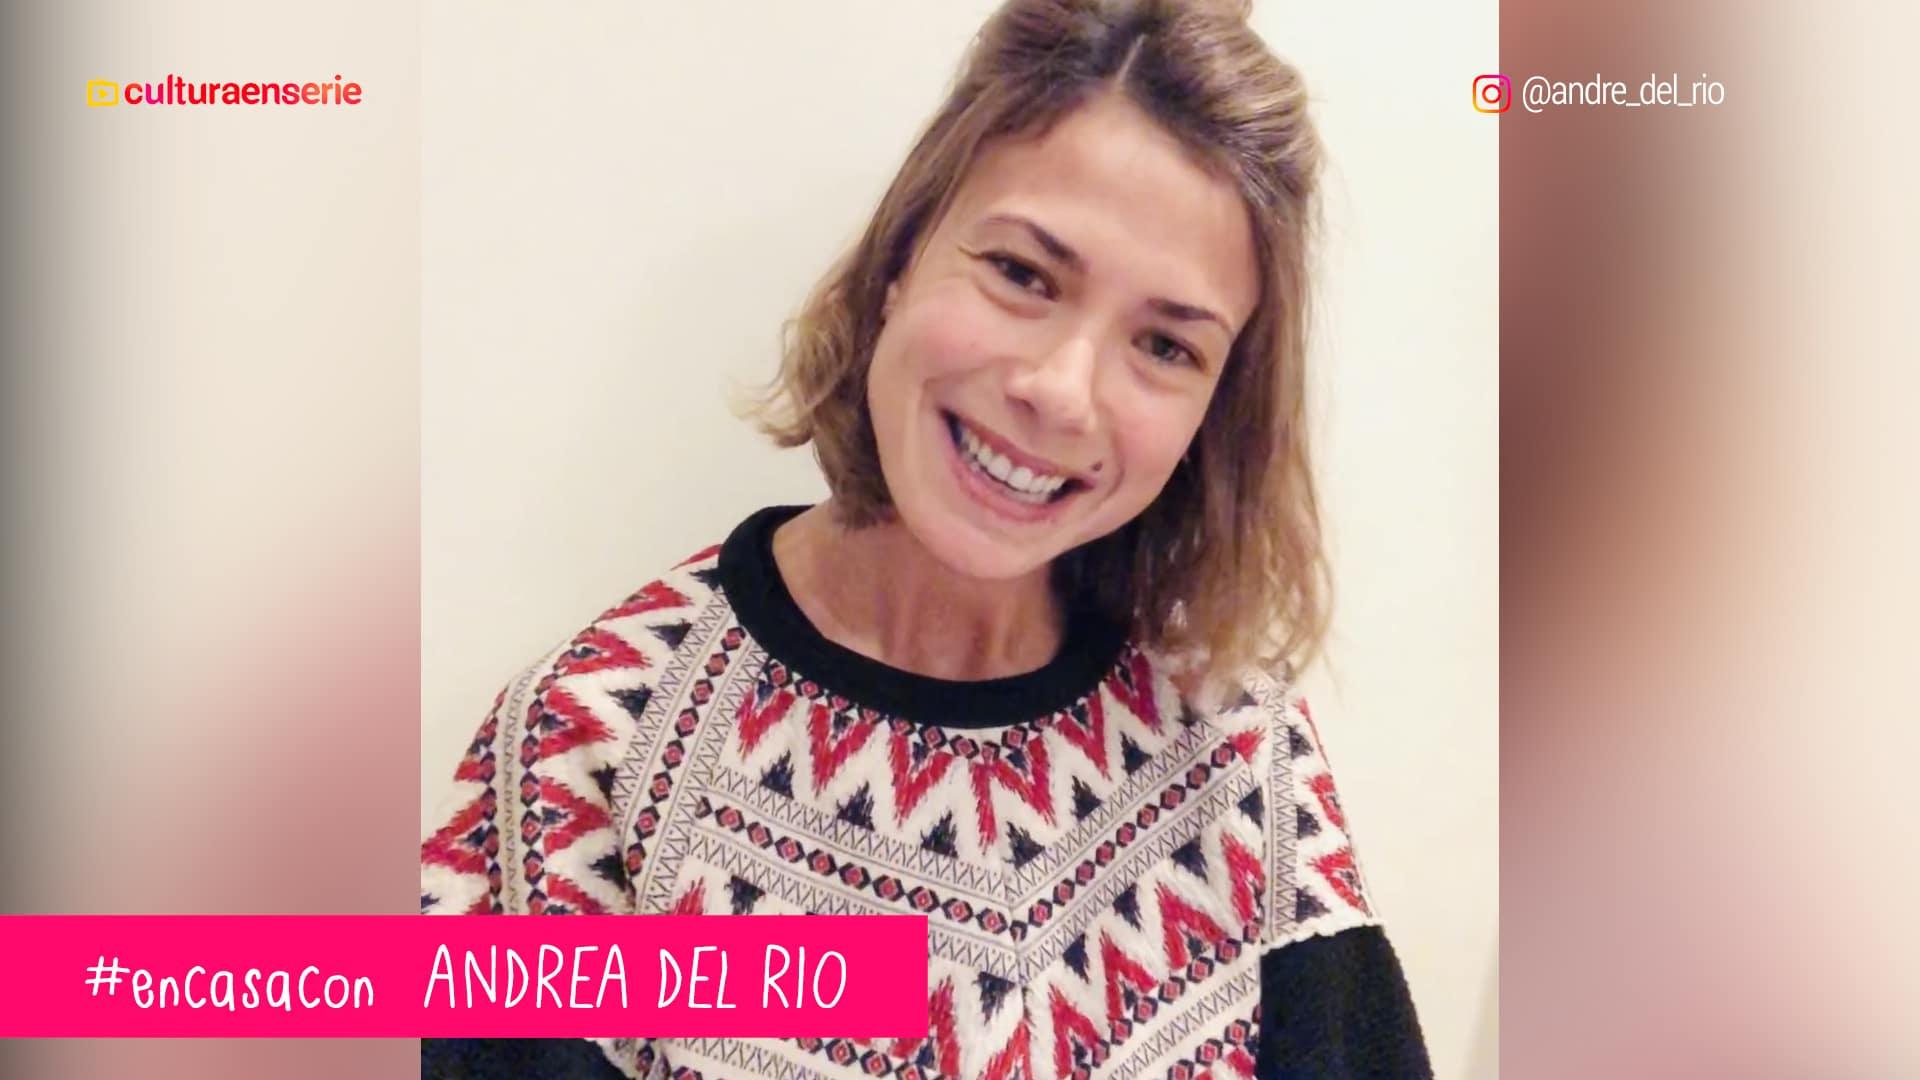 EnCasaCon Andrea del Rio